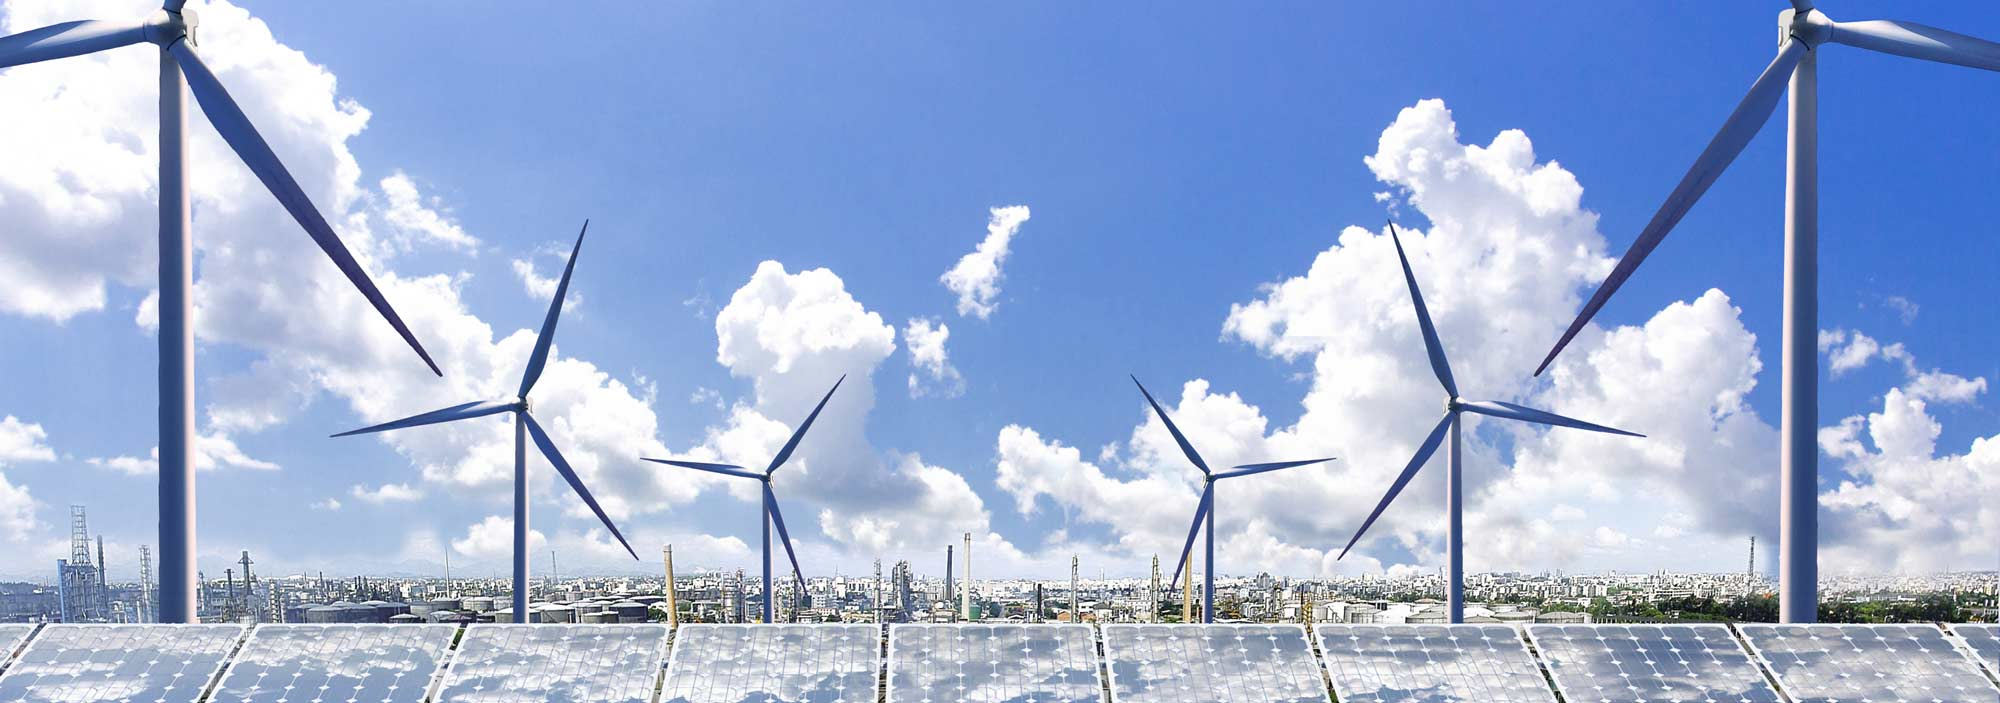 Mietfinanz Finanzierungsrechner für mobile und stationäre Kraftwerke